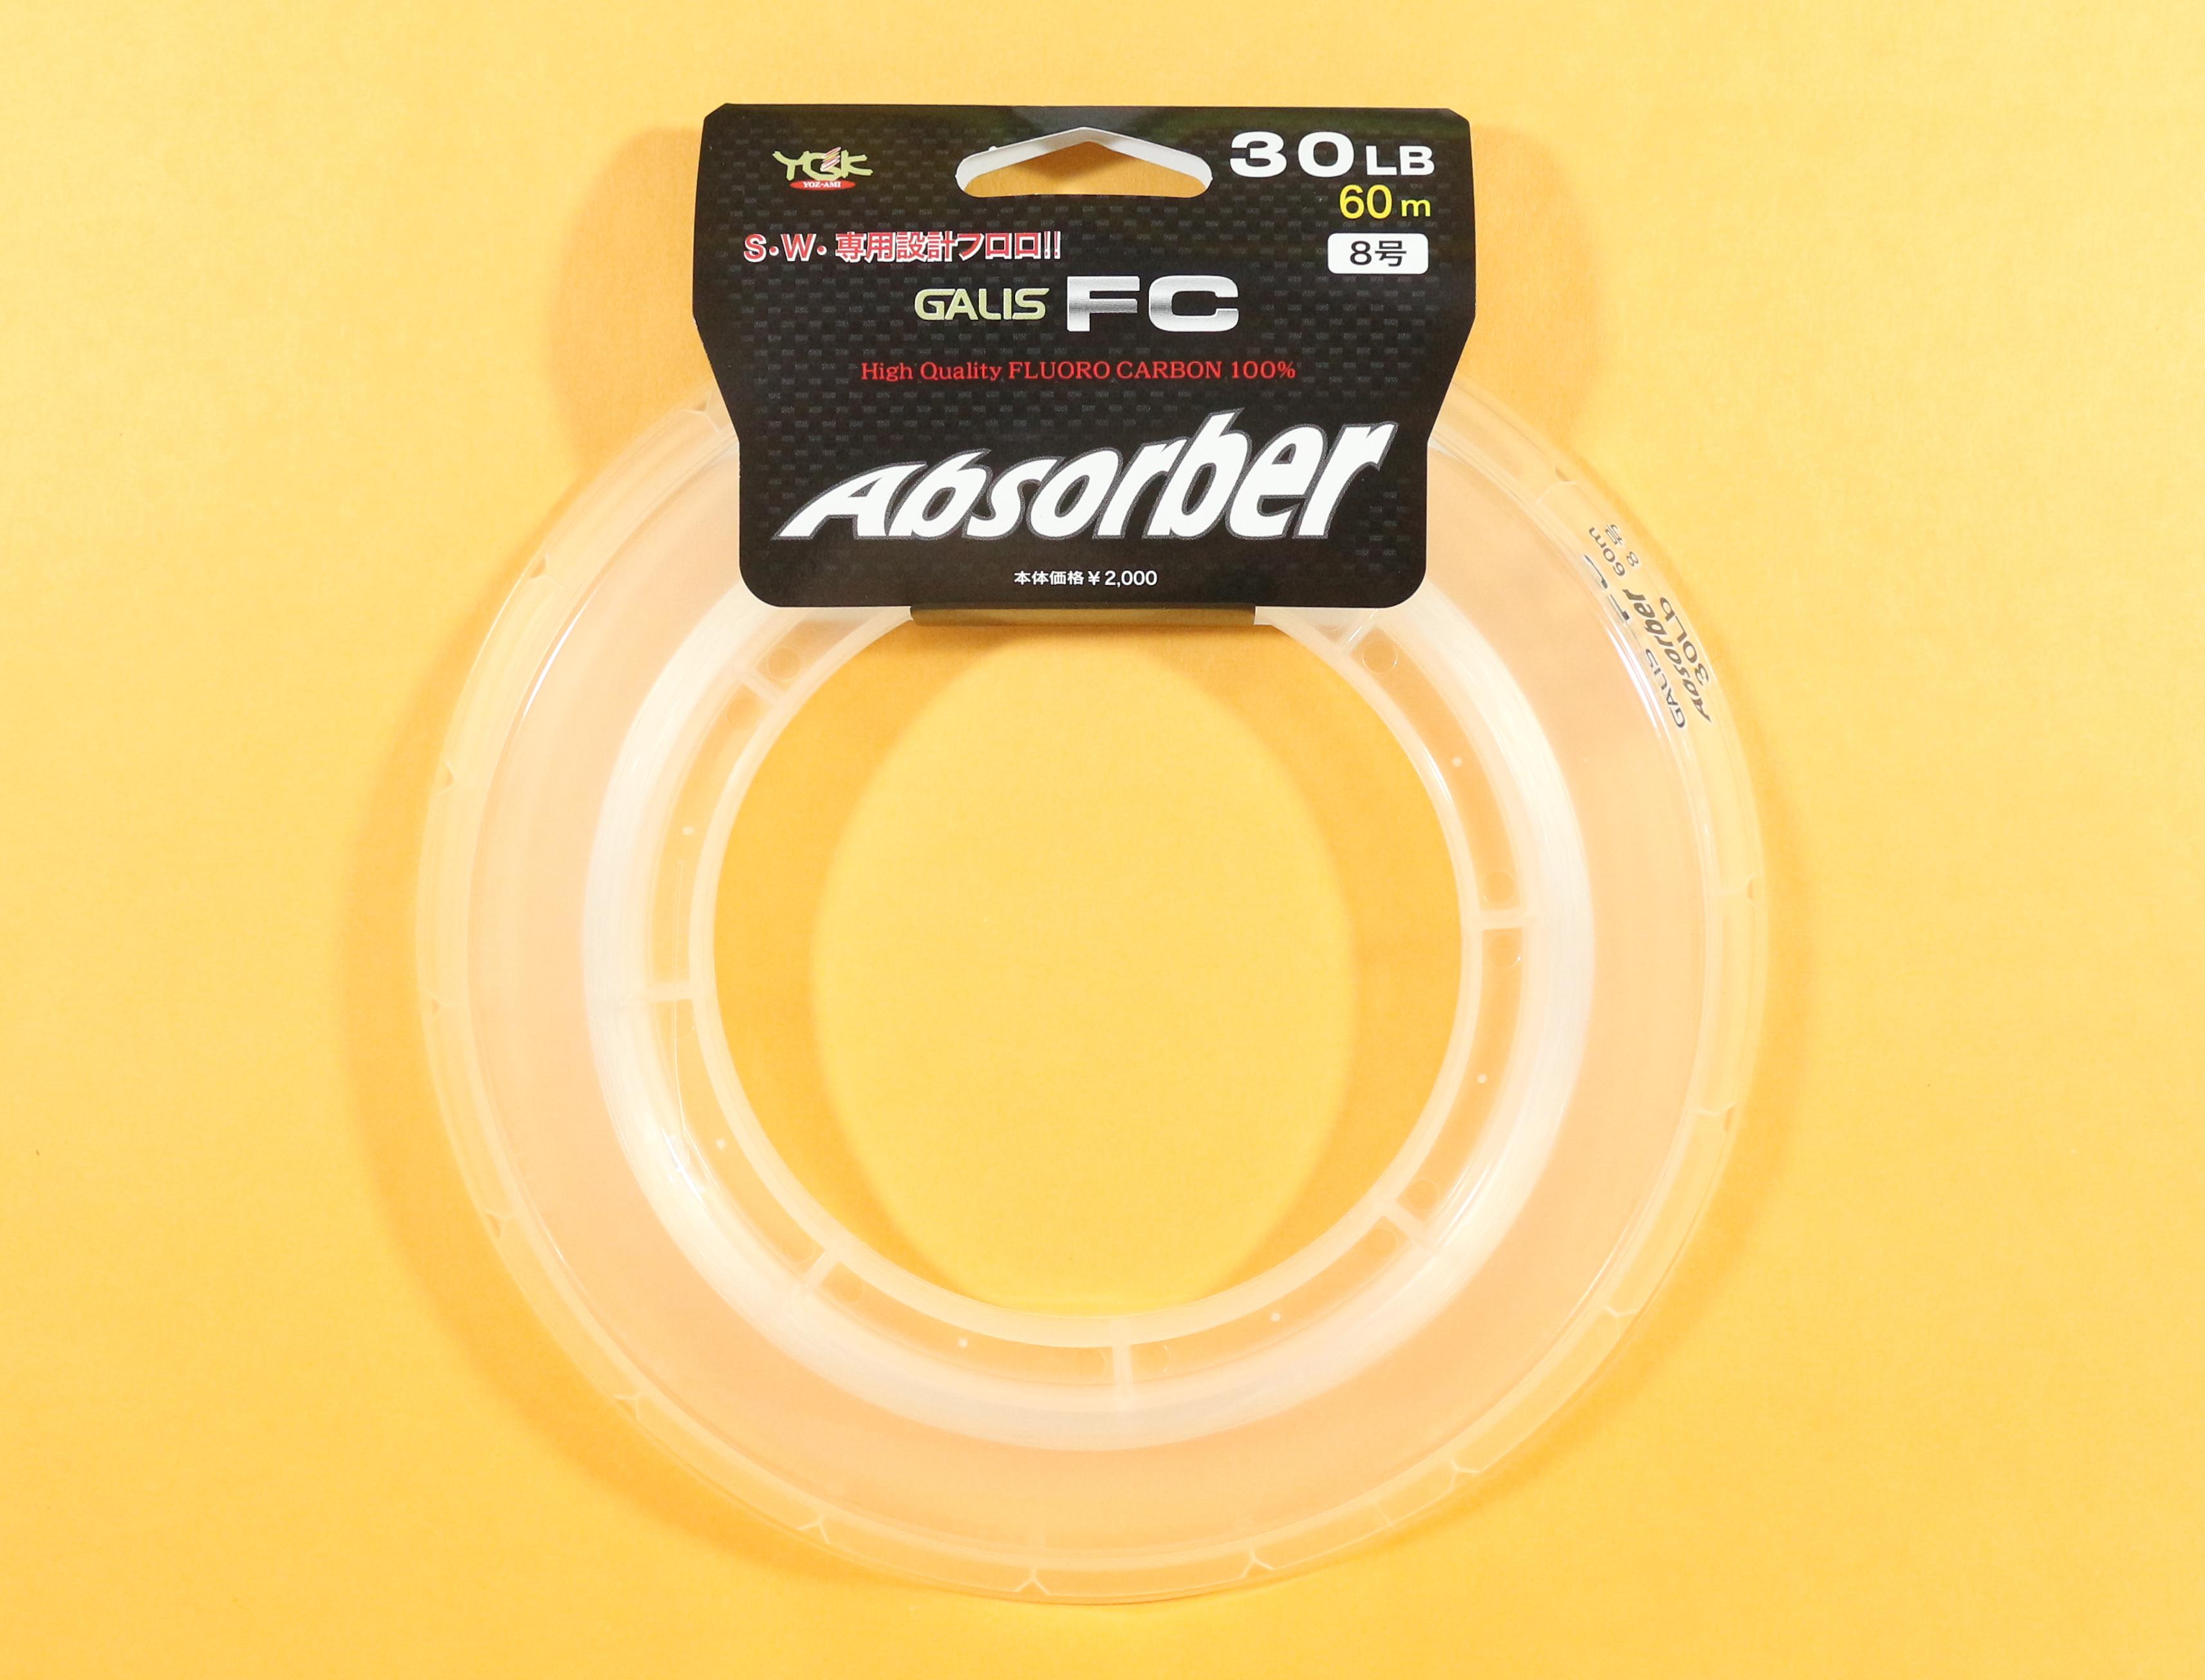 YGK Absorber Fluorocarbon Leader Line 60m 30lb (0133)